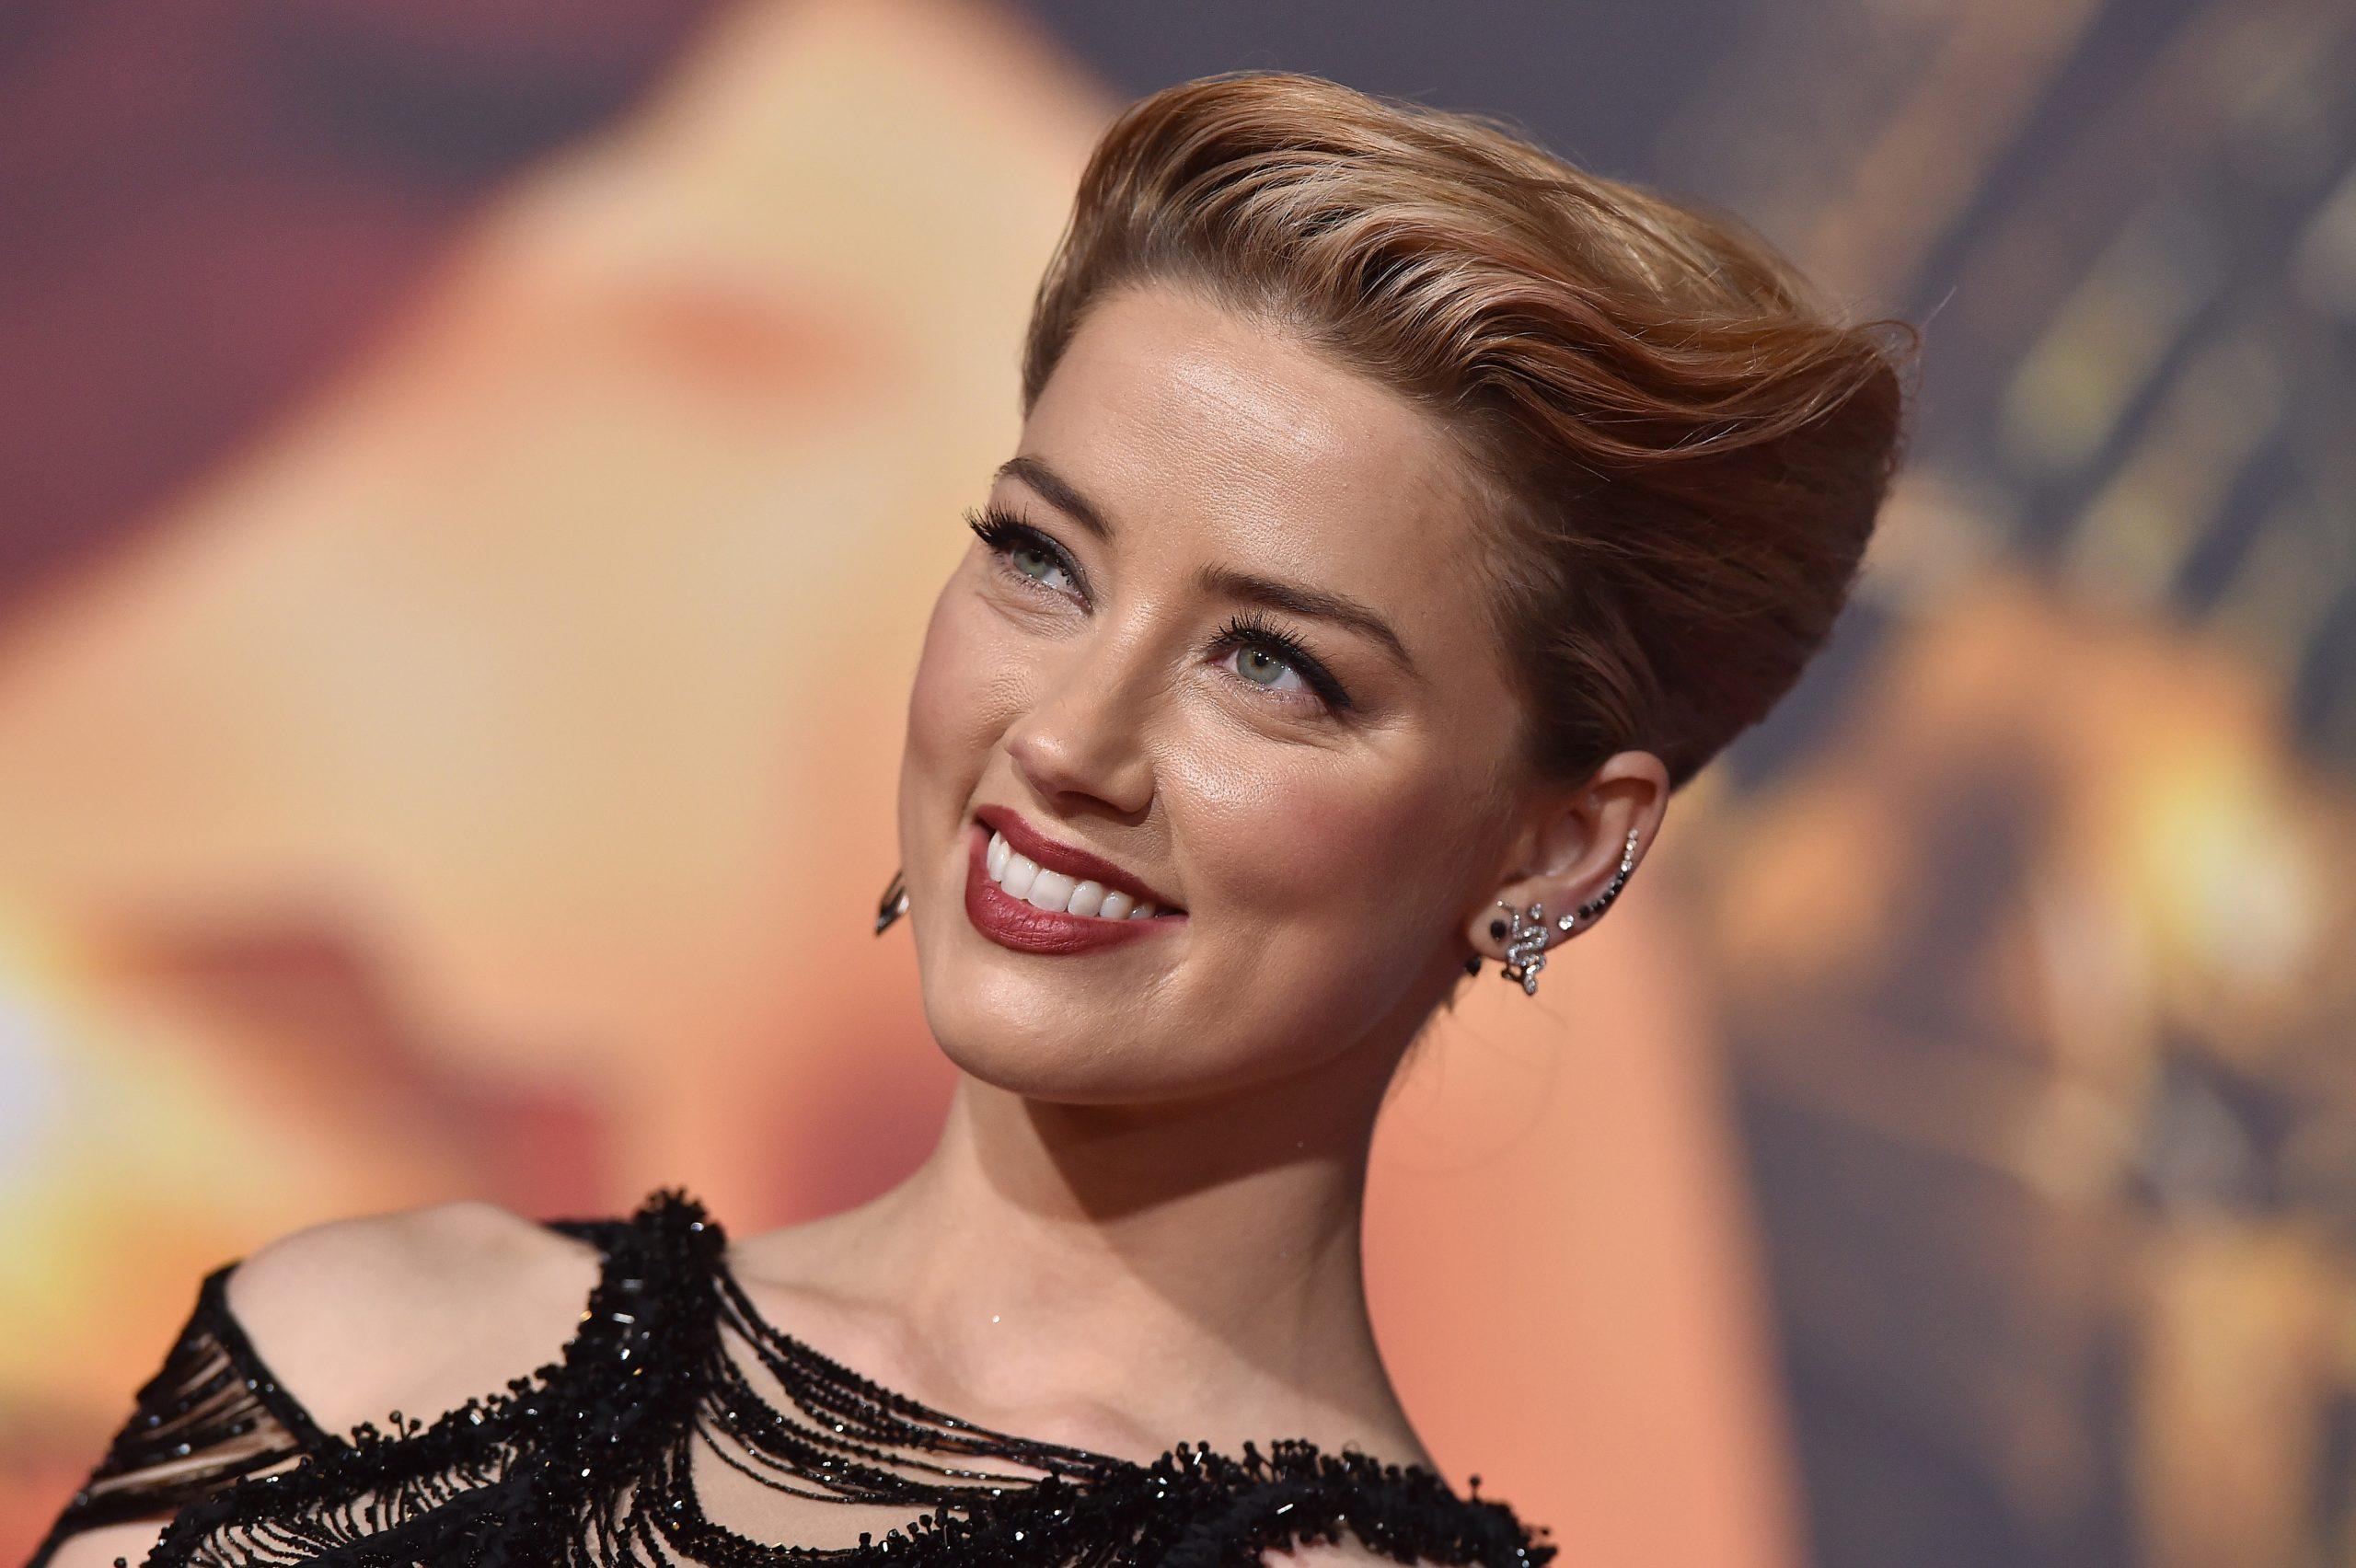 Amber Heard en la premiere de 'Justice League' donde da vida a Mera, esto en noviembre de 2017.